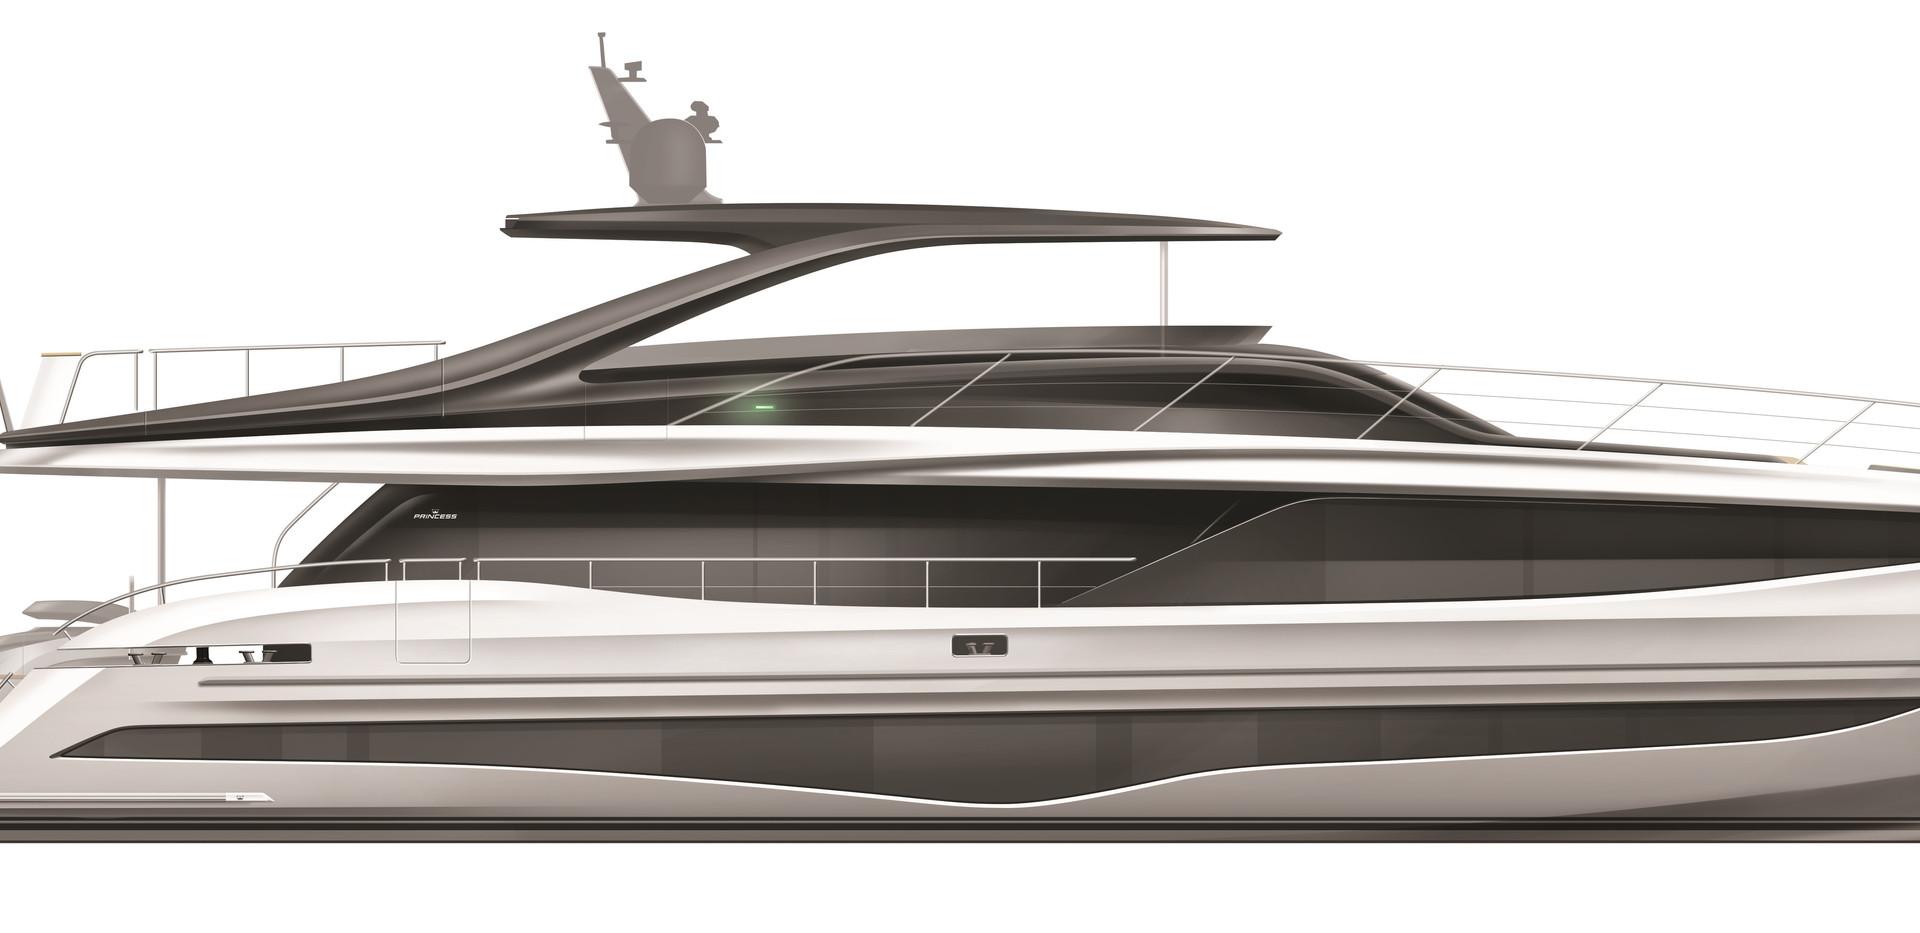 y95-profile-white-hull.jpg